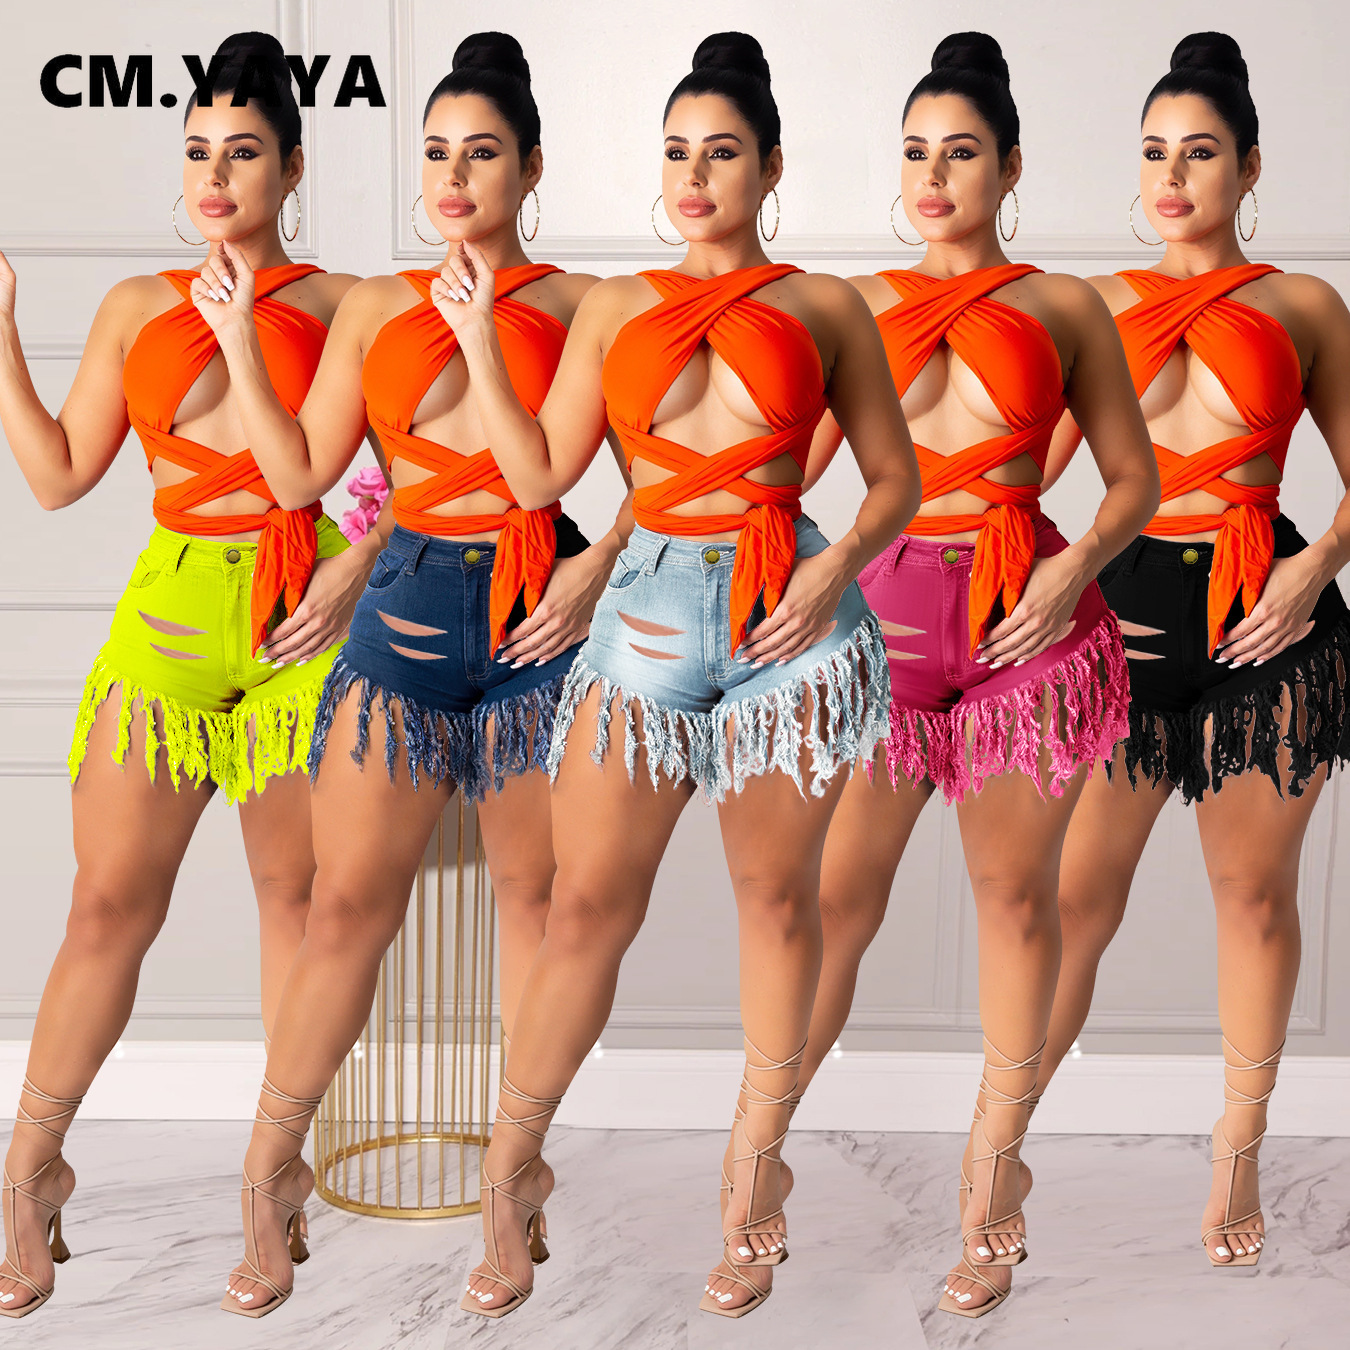 CM.YAYA Frauen Jeans Shorts Mid Taille Zip Taschen Quaste Elastische Denim Shorts Sexy Nacht Club Hosen High Street Sommer 2021